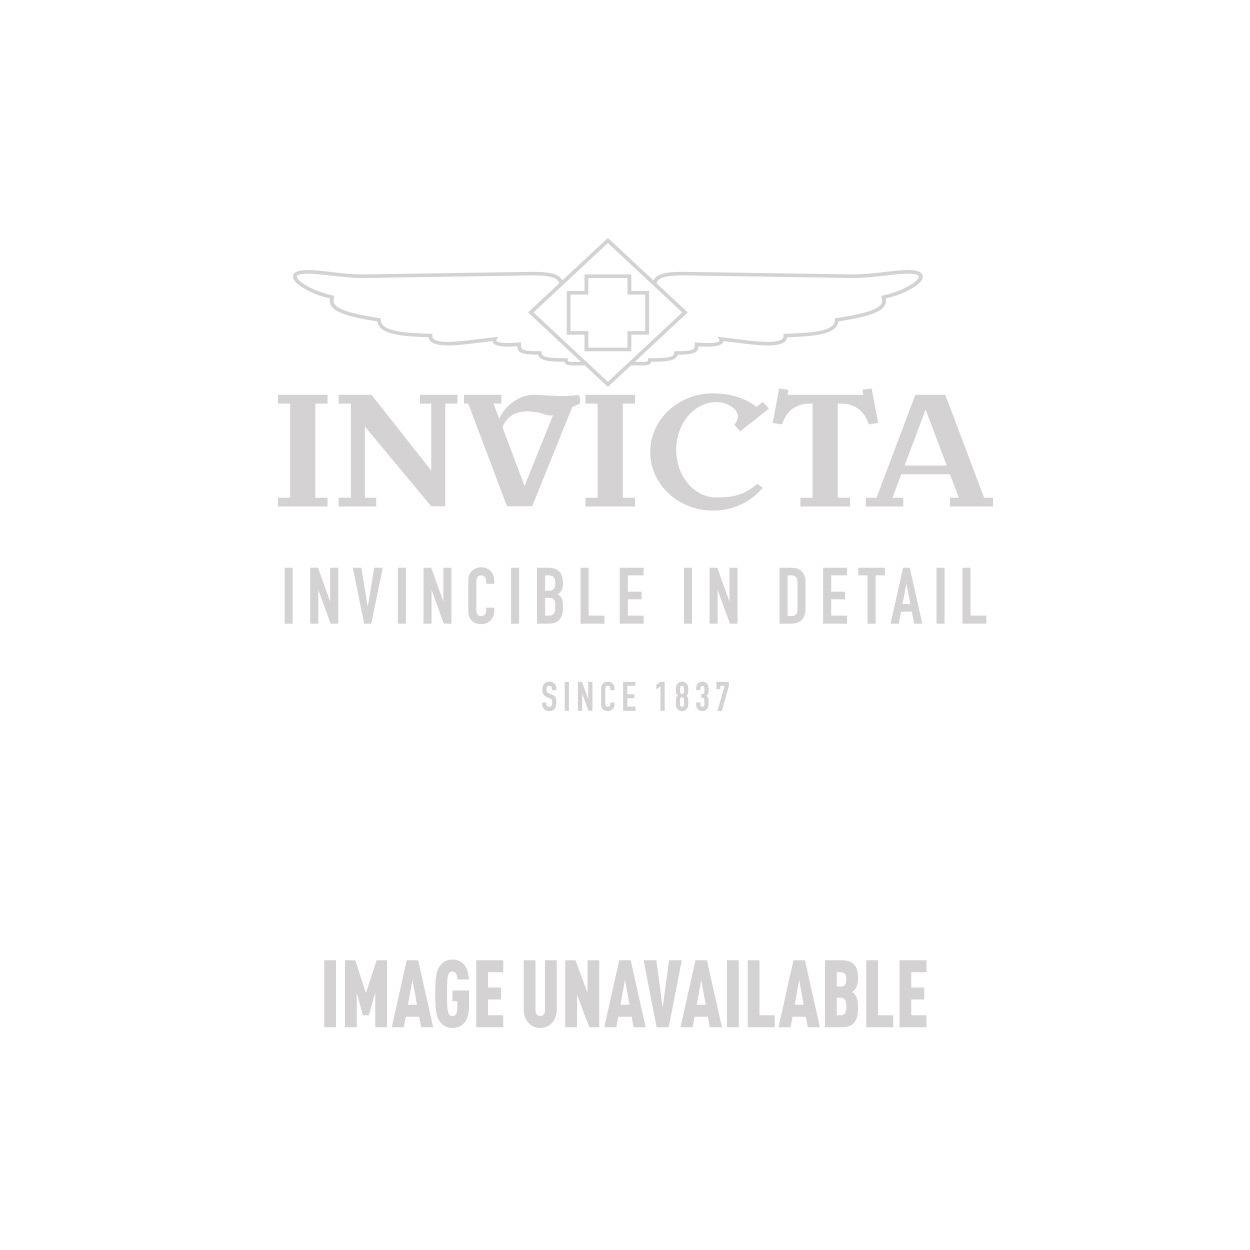 Invicta Model 27287